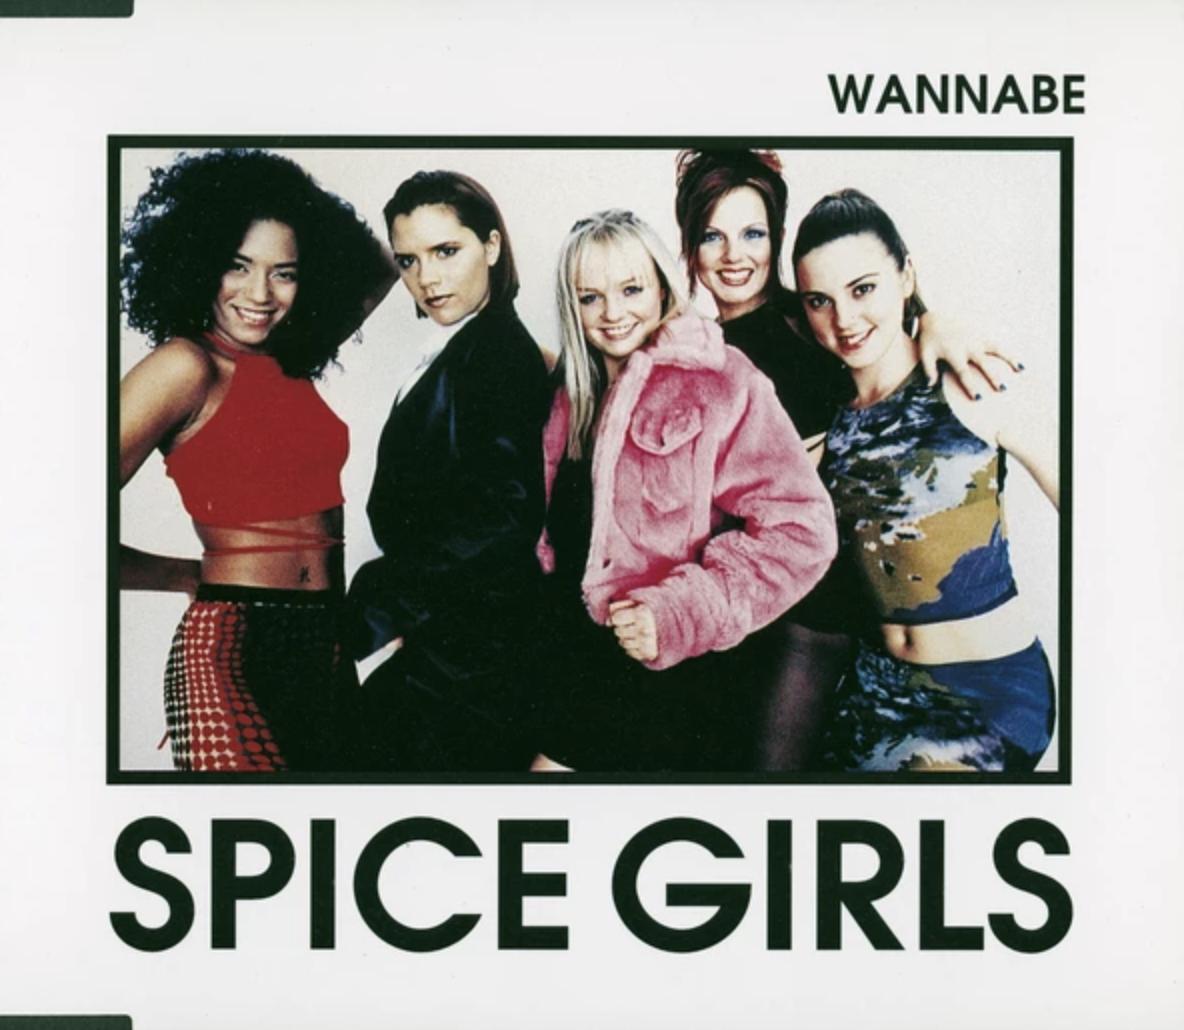 spicegirls album photo